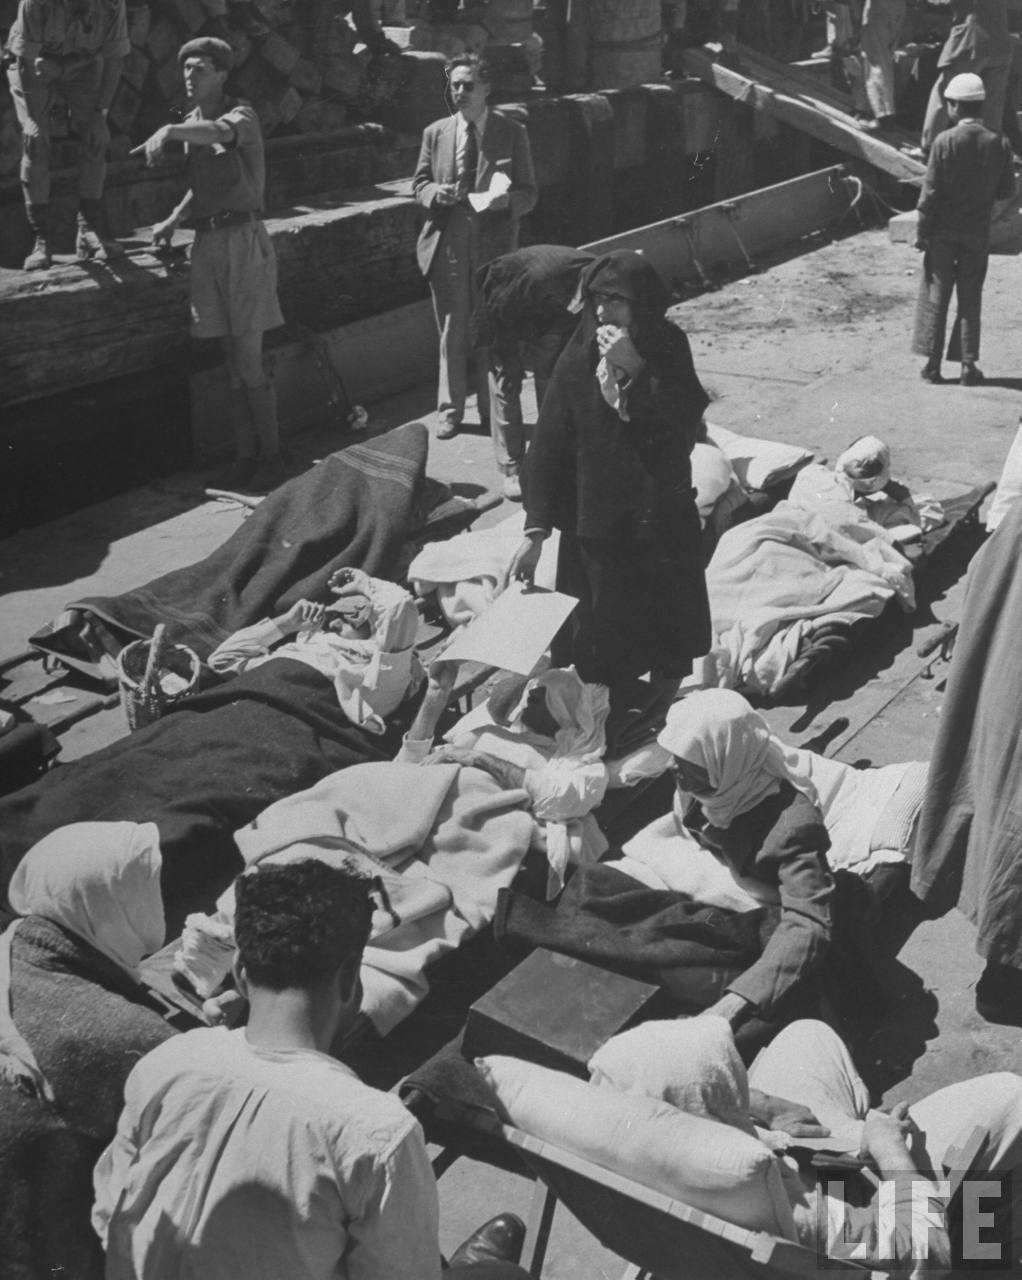 Раненные арабские бойцы, которые должны были быть эвакуированы в Хайфу. Апрель